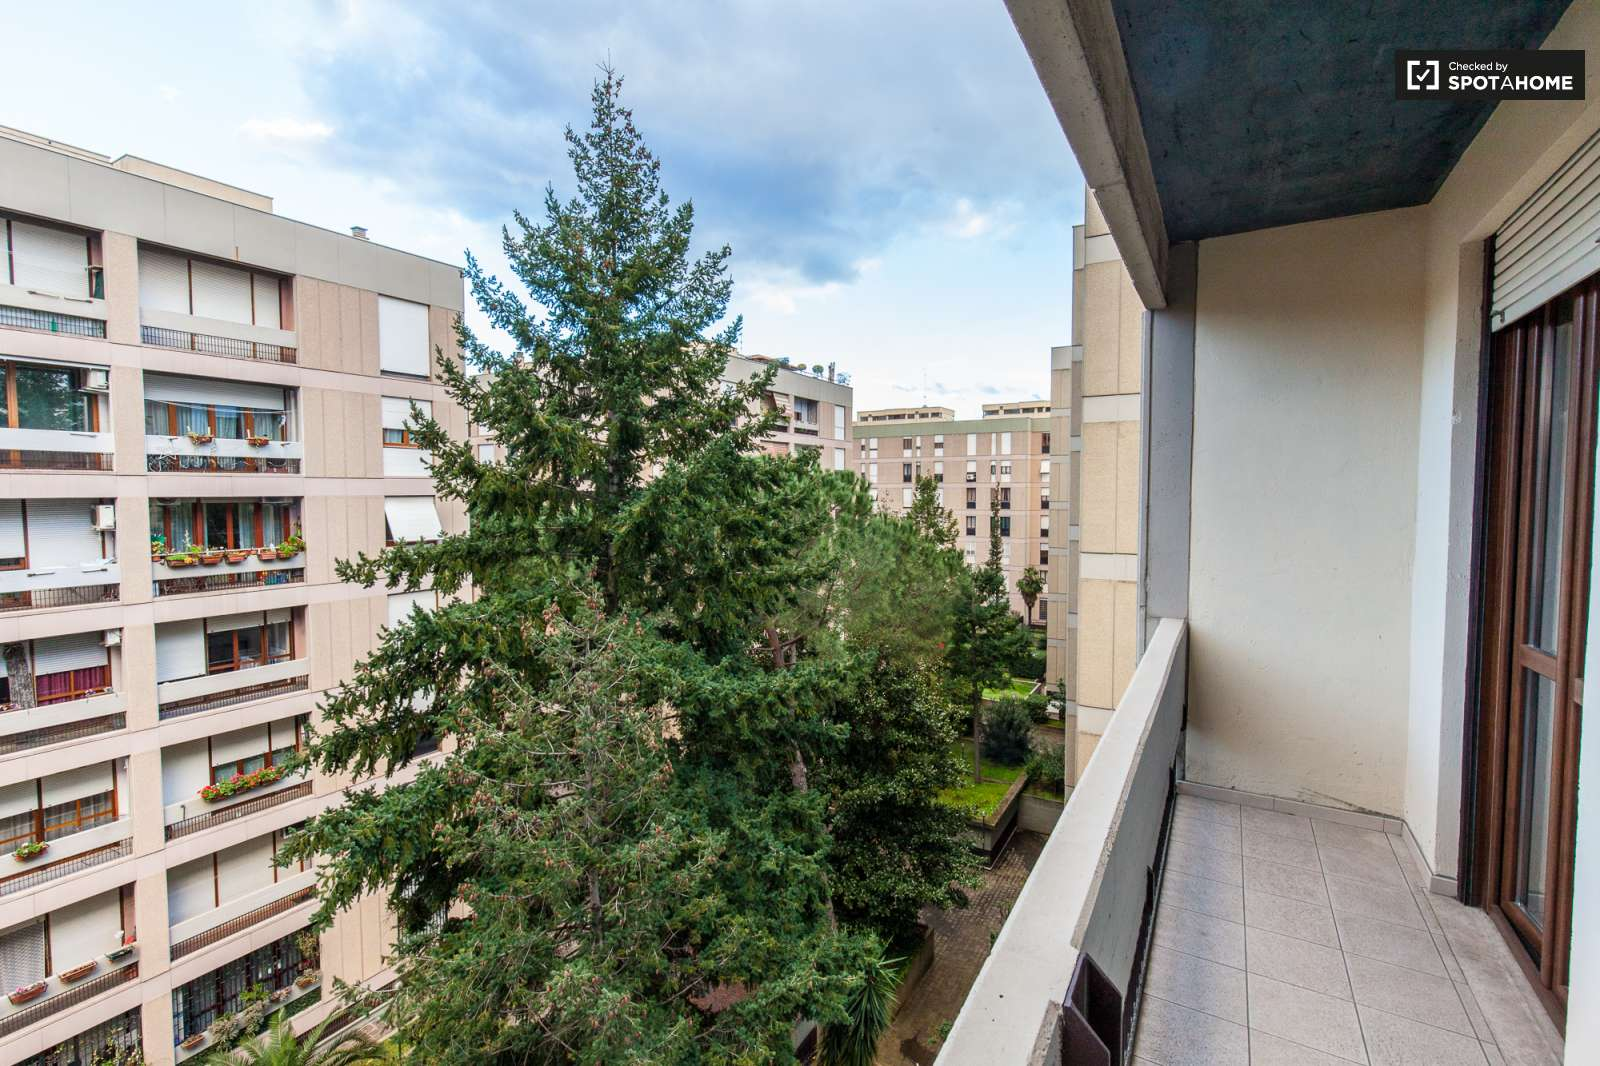 Spaziose stanze in affitto in un appartamento con 3 camere for 3 camere da letto finito seminterrato in affitto